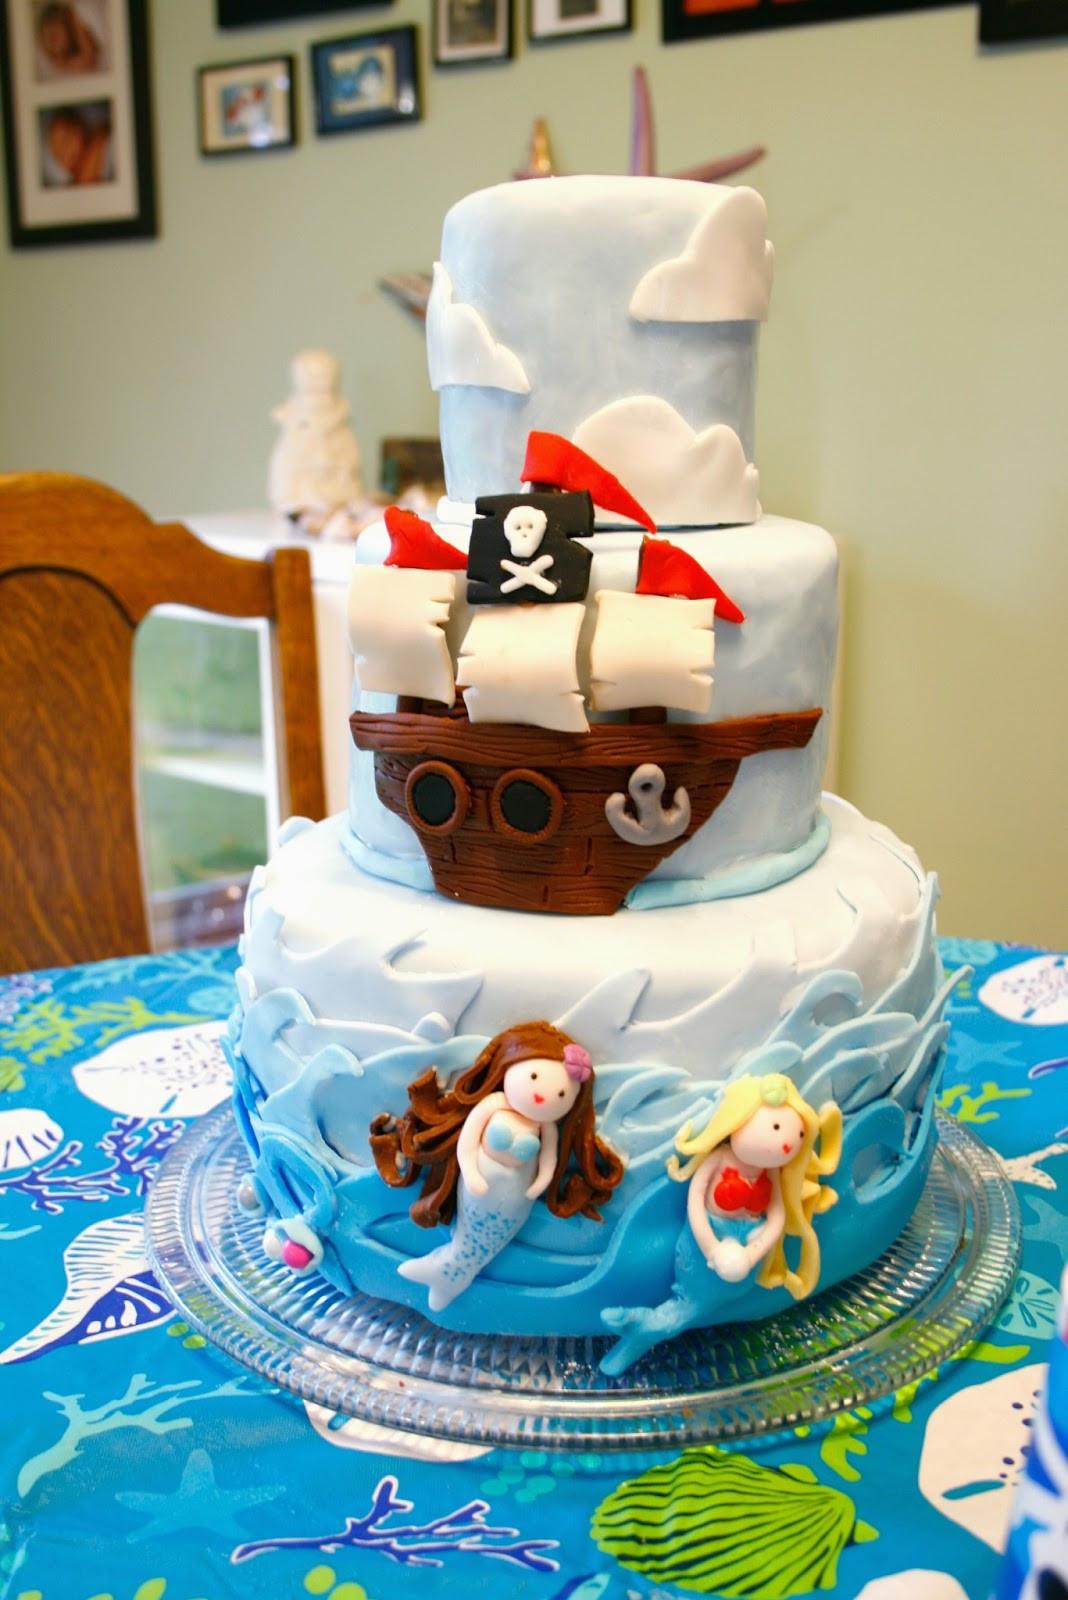 Pirate Birthday Cake  The Dieter Family Mermaids and Pirates Maya turns 5